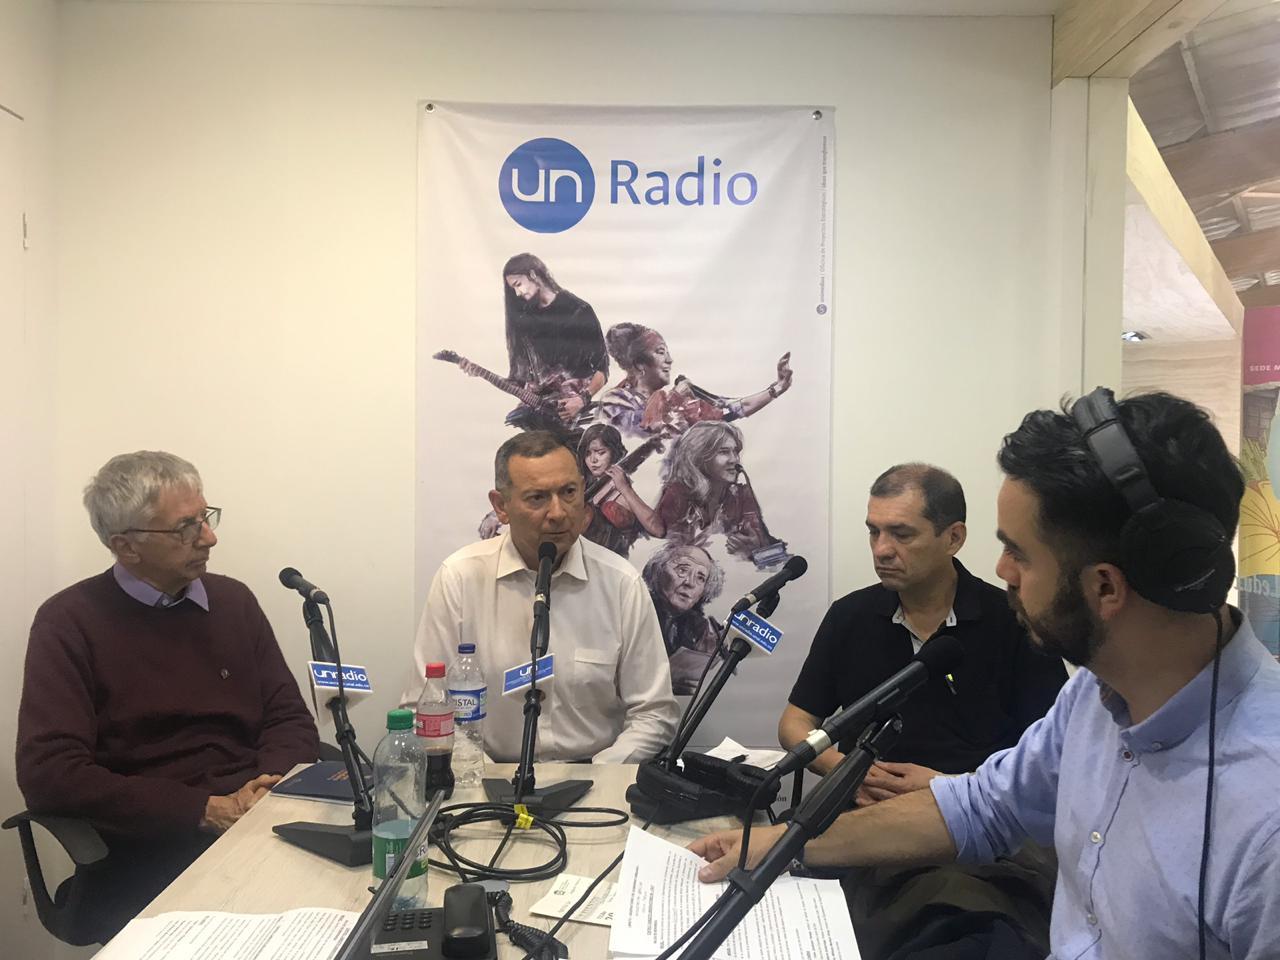 Profesores Alberto Saldarriaga, Fabio Zambrano, John Williams Montoya y Miguel Silva / Foto IEU